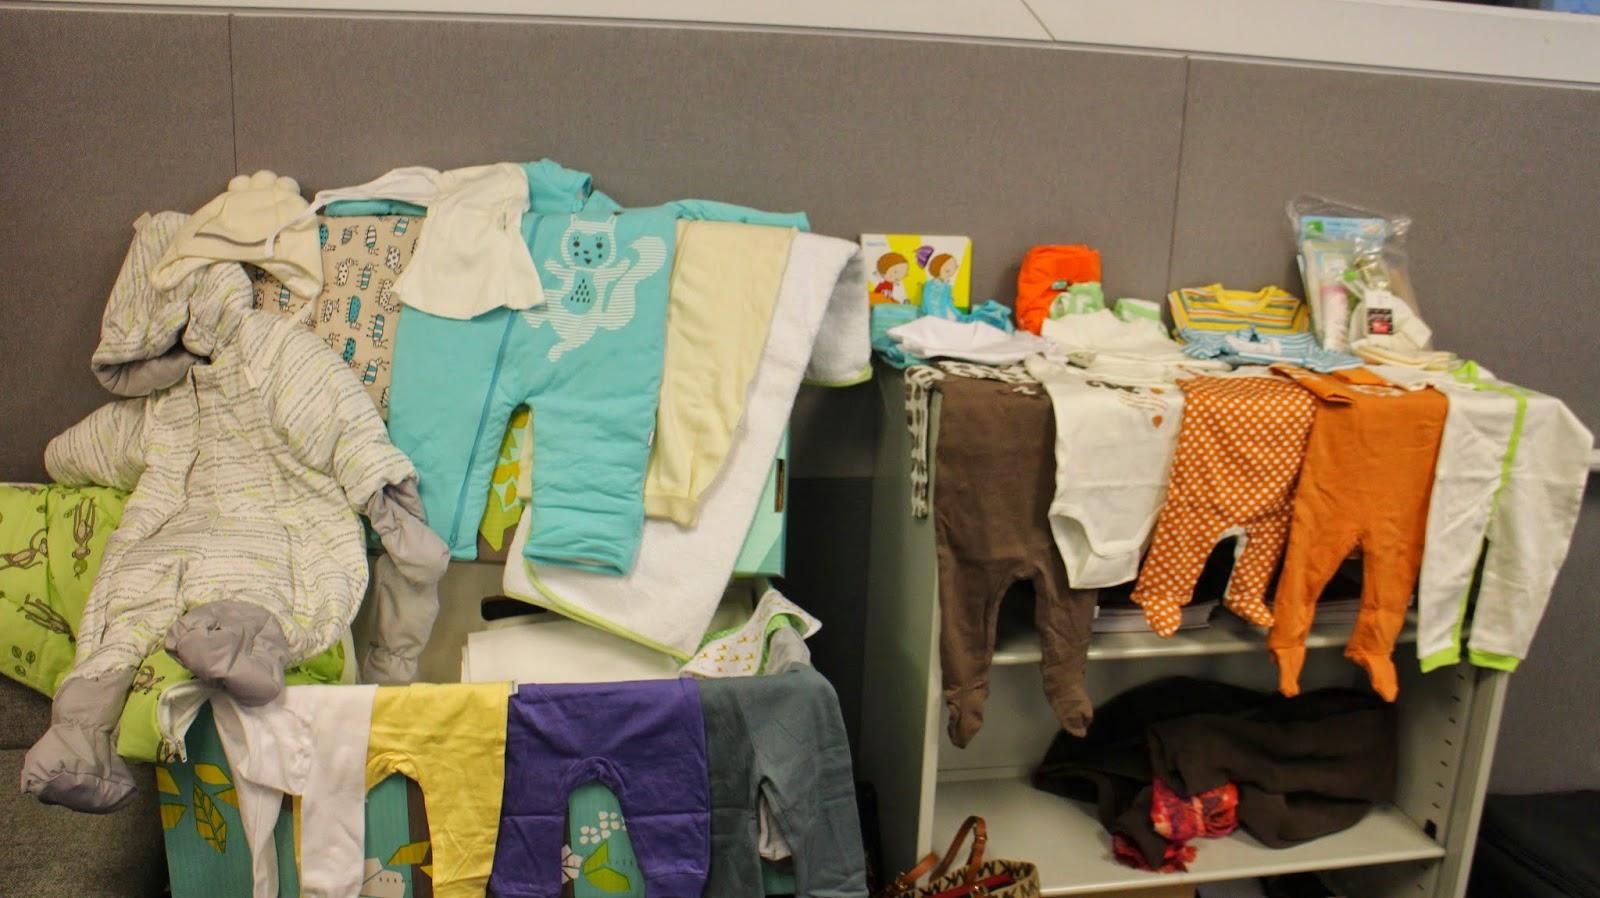 foto: britt-csw58.blogspot.com